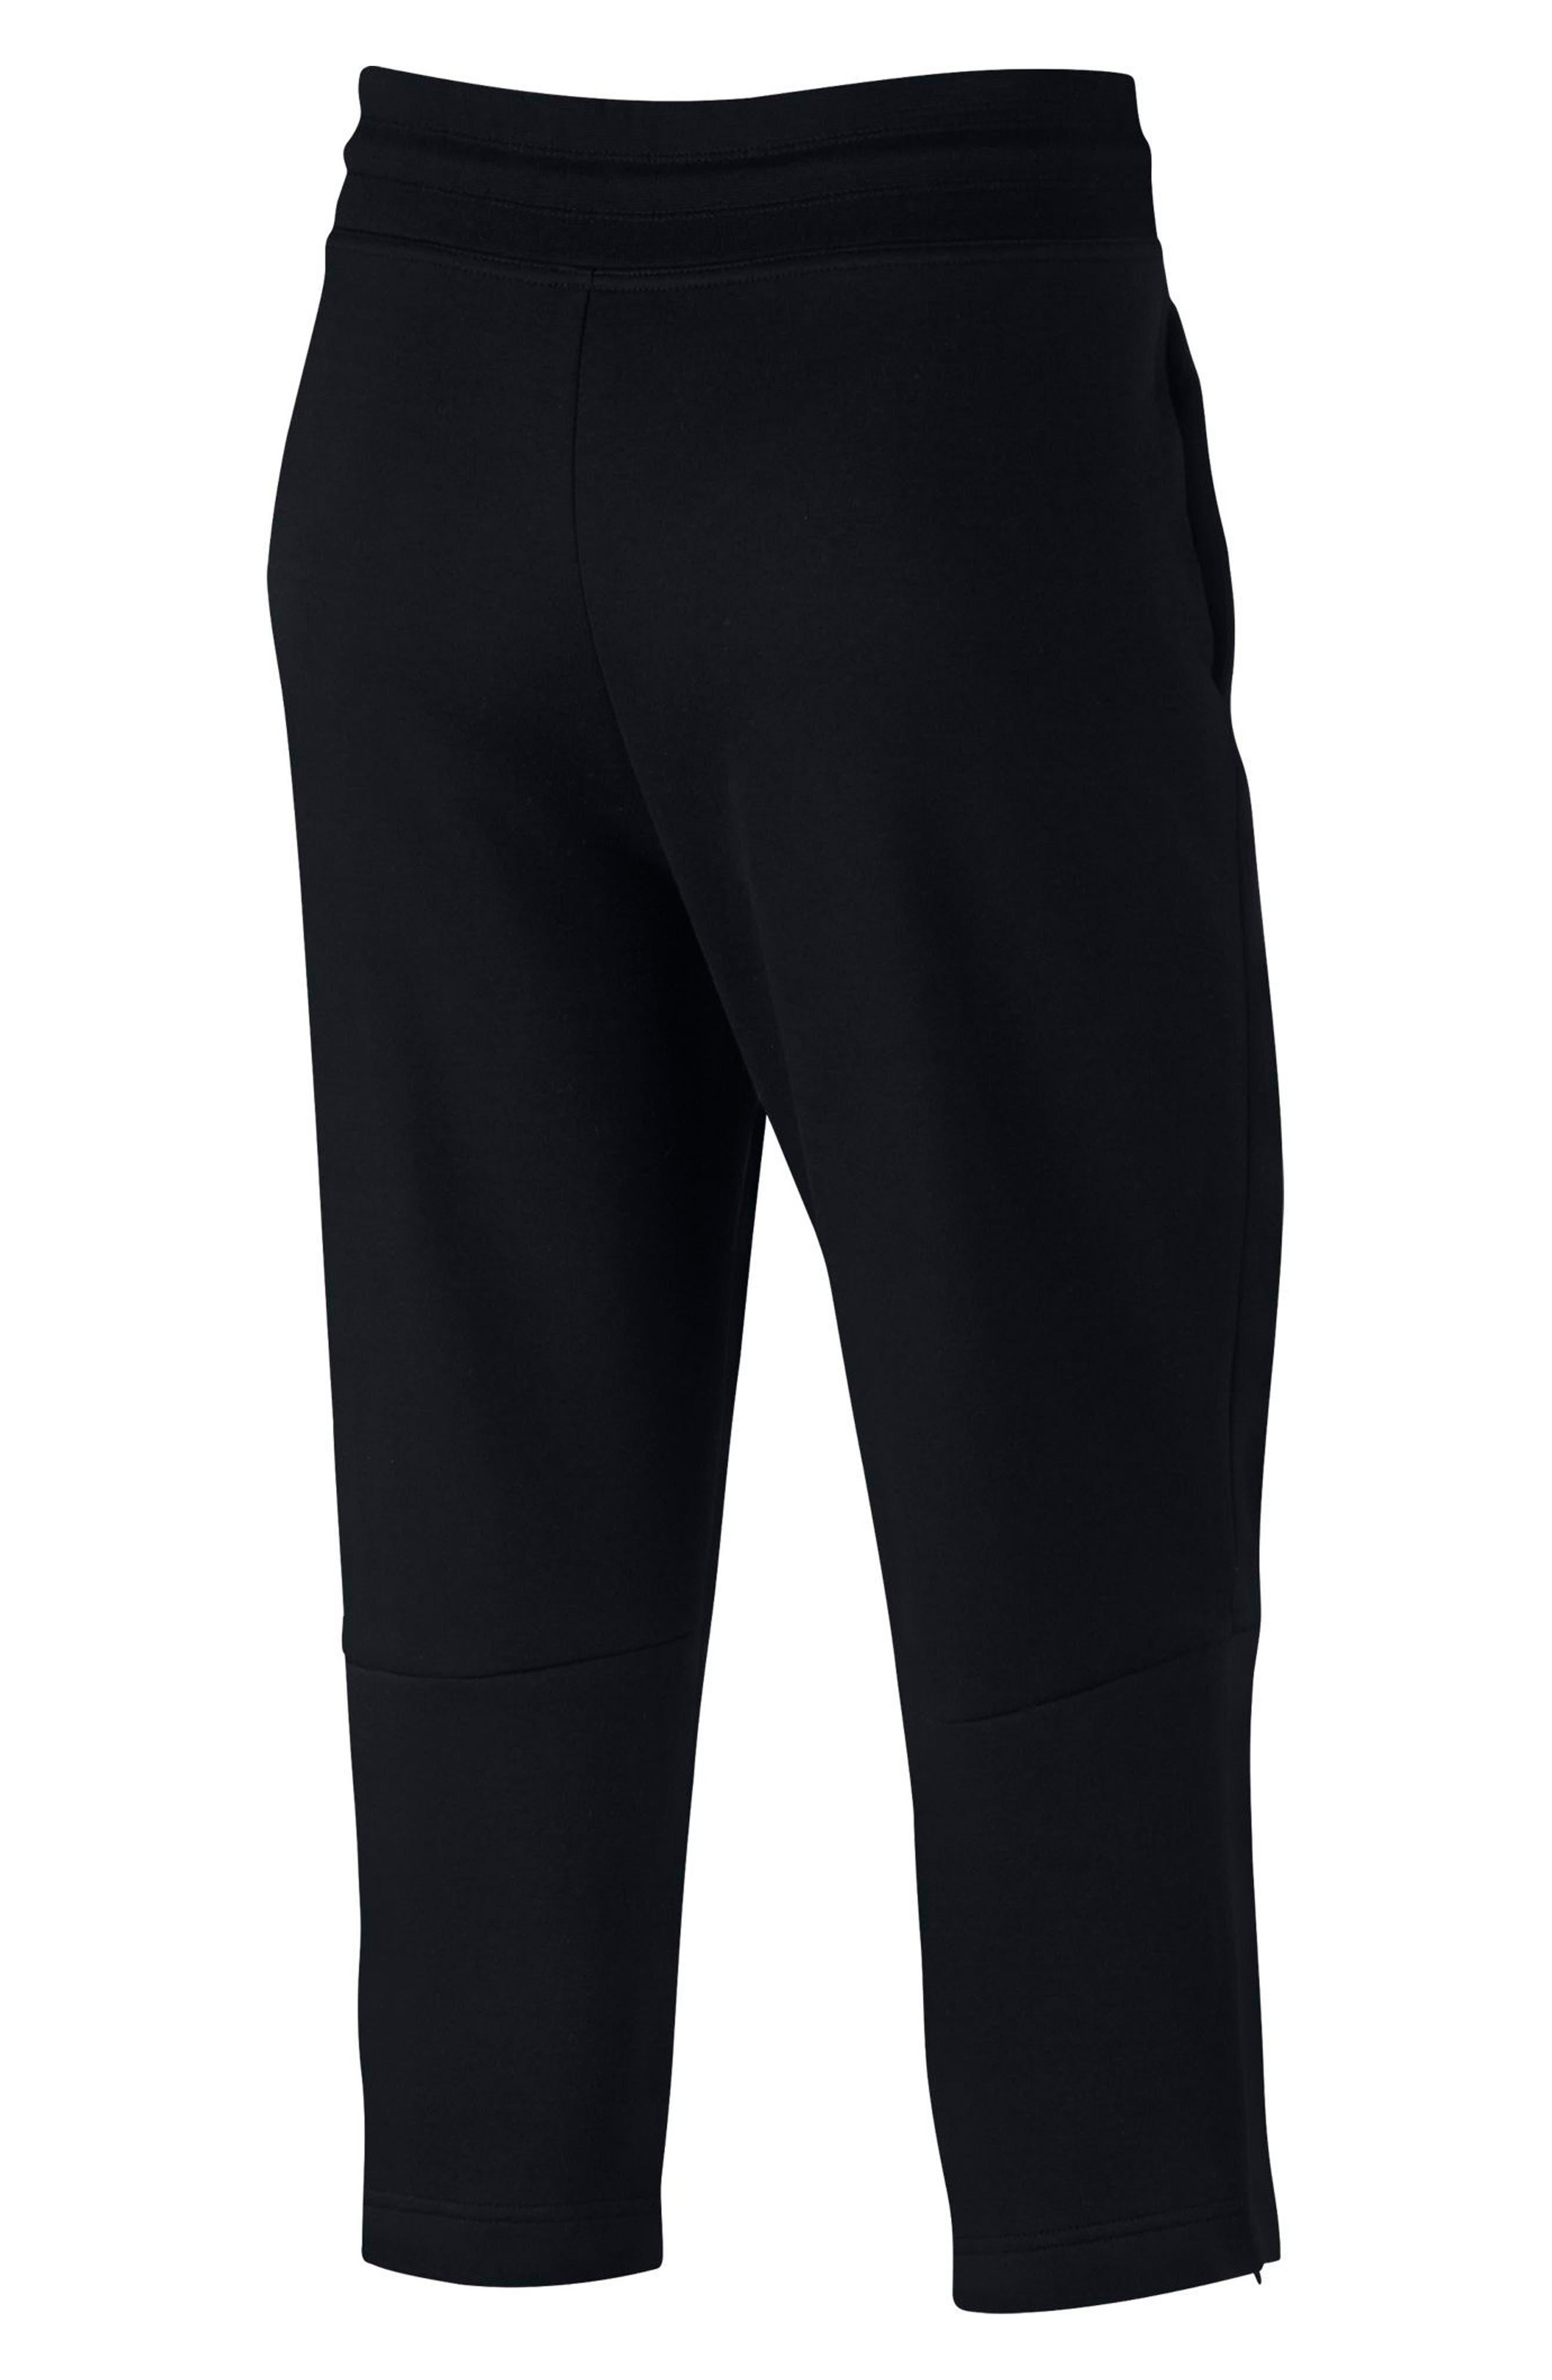 Sportswear Women's Tech Fleece Sneaker Pants,                             Alternate thumbnail 9, color,                             Black/ Black